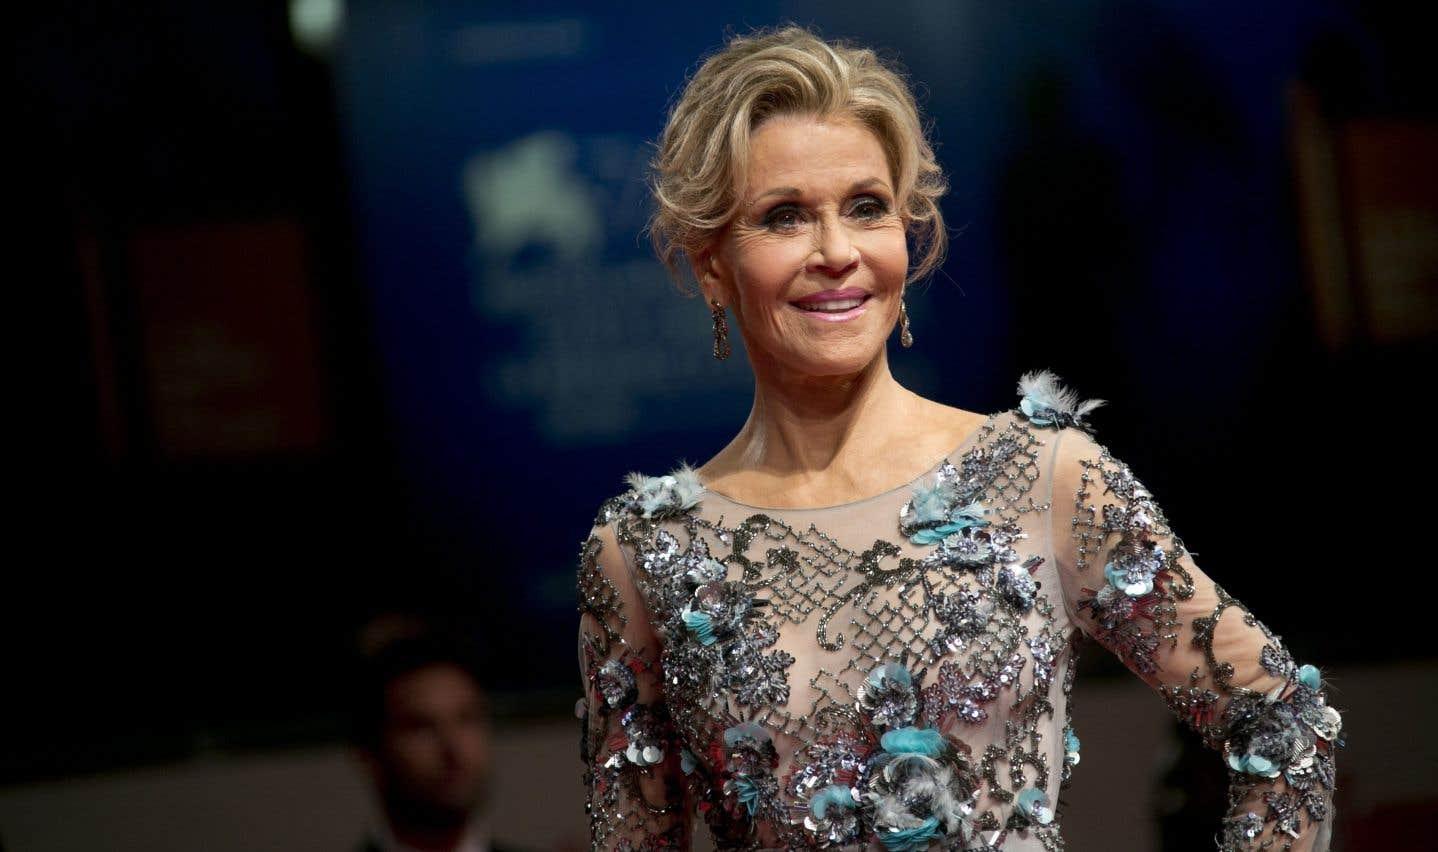 Affaire Weinstein: «Grâce à Dieu, on en parle!» dit Jane Fonda